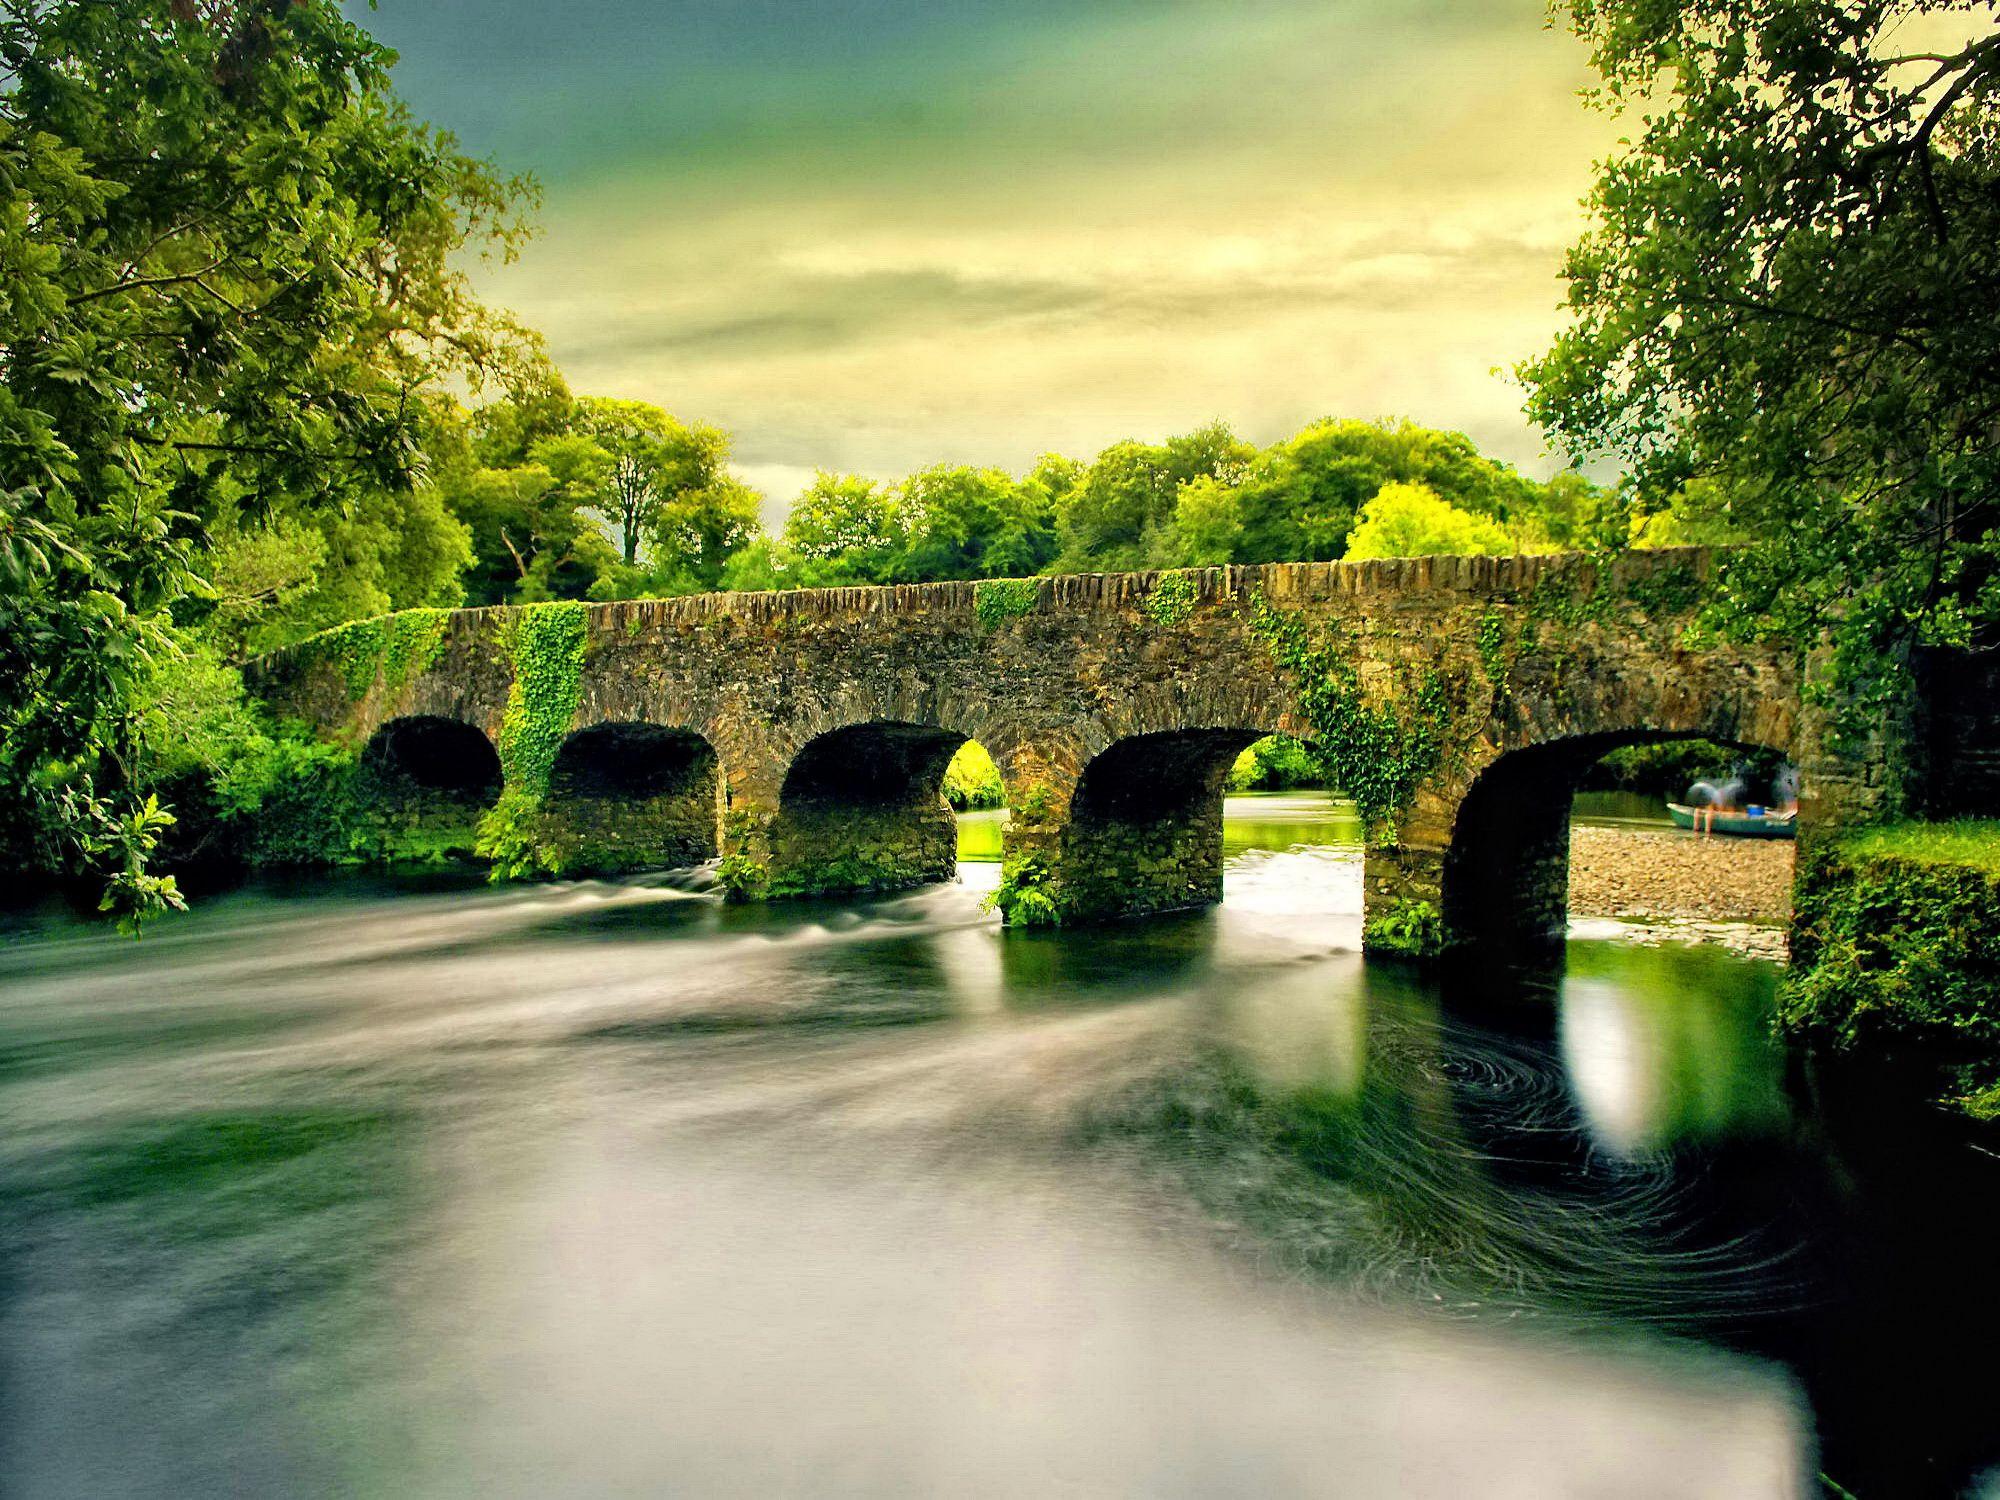 Hd wallpaper river - Hd Zen Wallpapers Y9350 Ireland County Kerry Stone Bridge Over Gearhameen River In